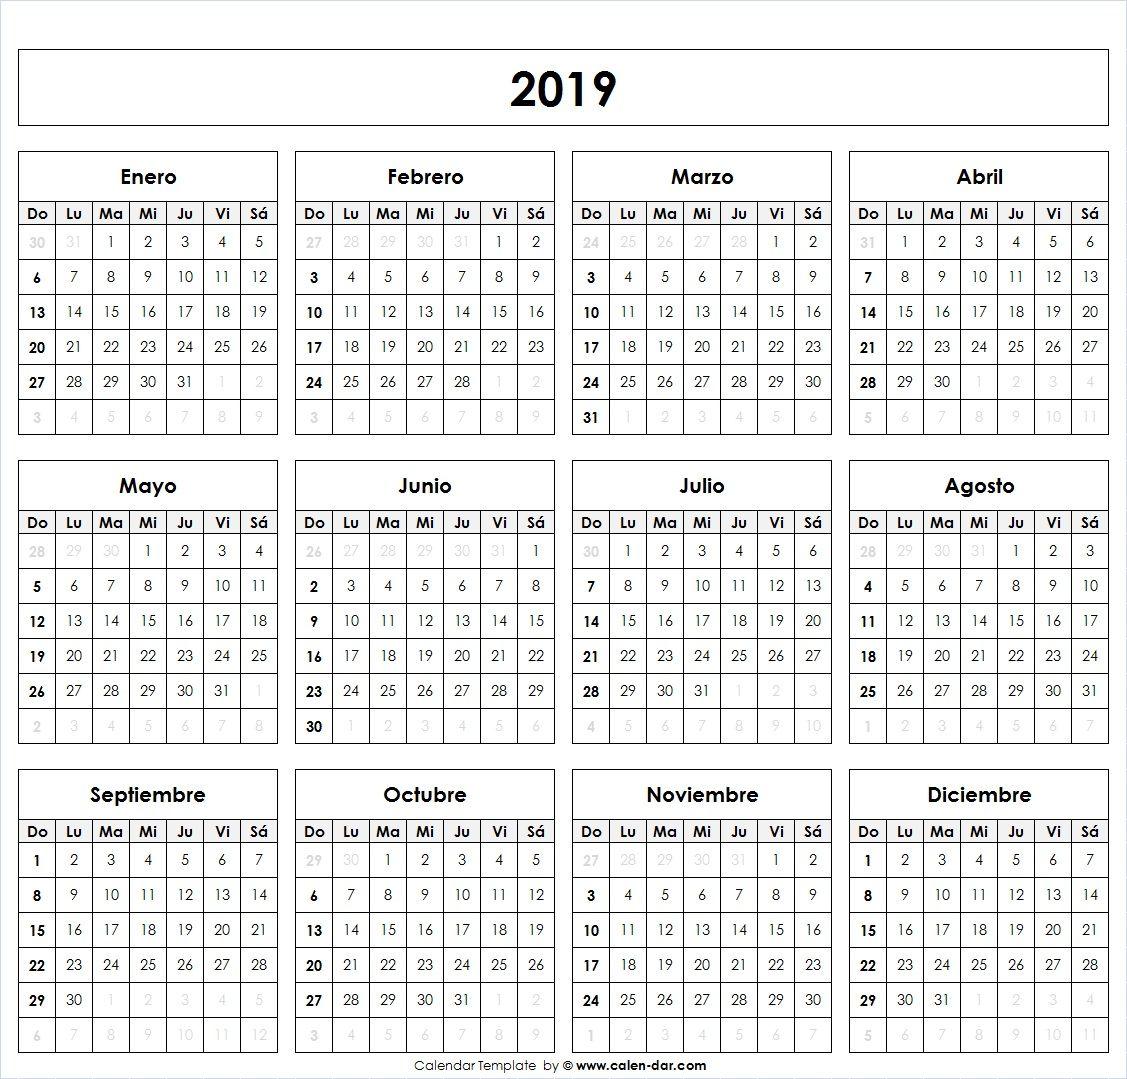 Calendario 2019 Chile Con Feriados Para Imprimir.Calendario 2019 Mas De 150 Plantillas Para Imprimir Y